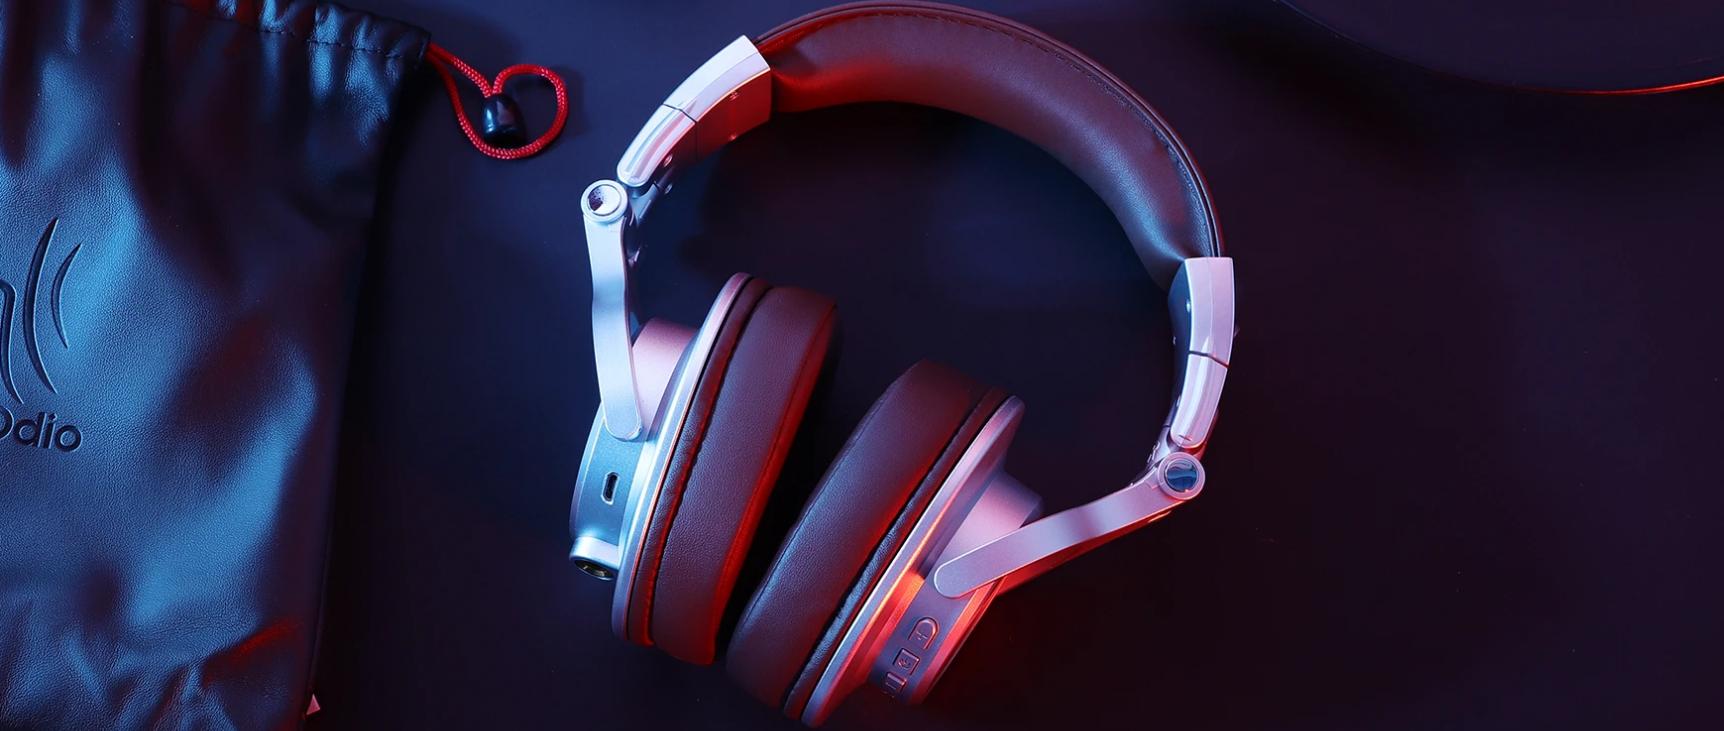 Oneodio A70 és Pro-10 fülhallgatók tesztje 4